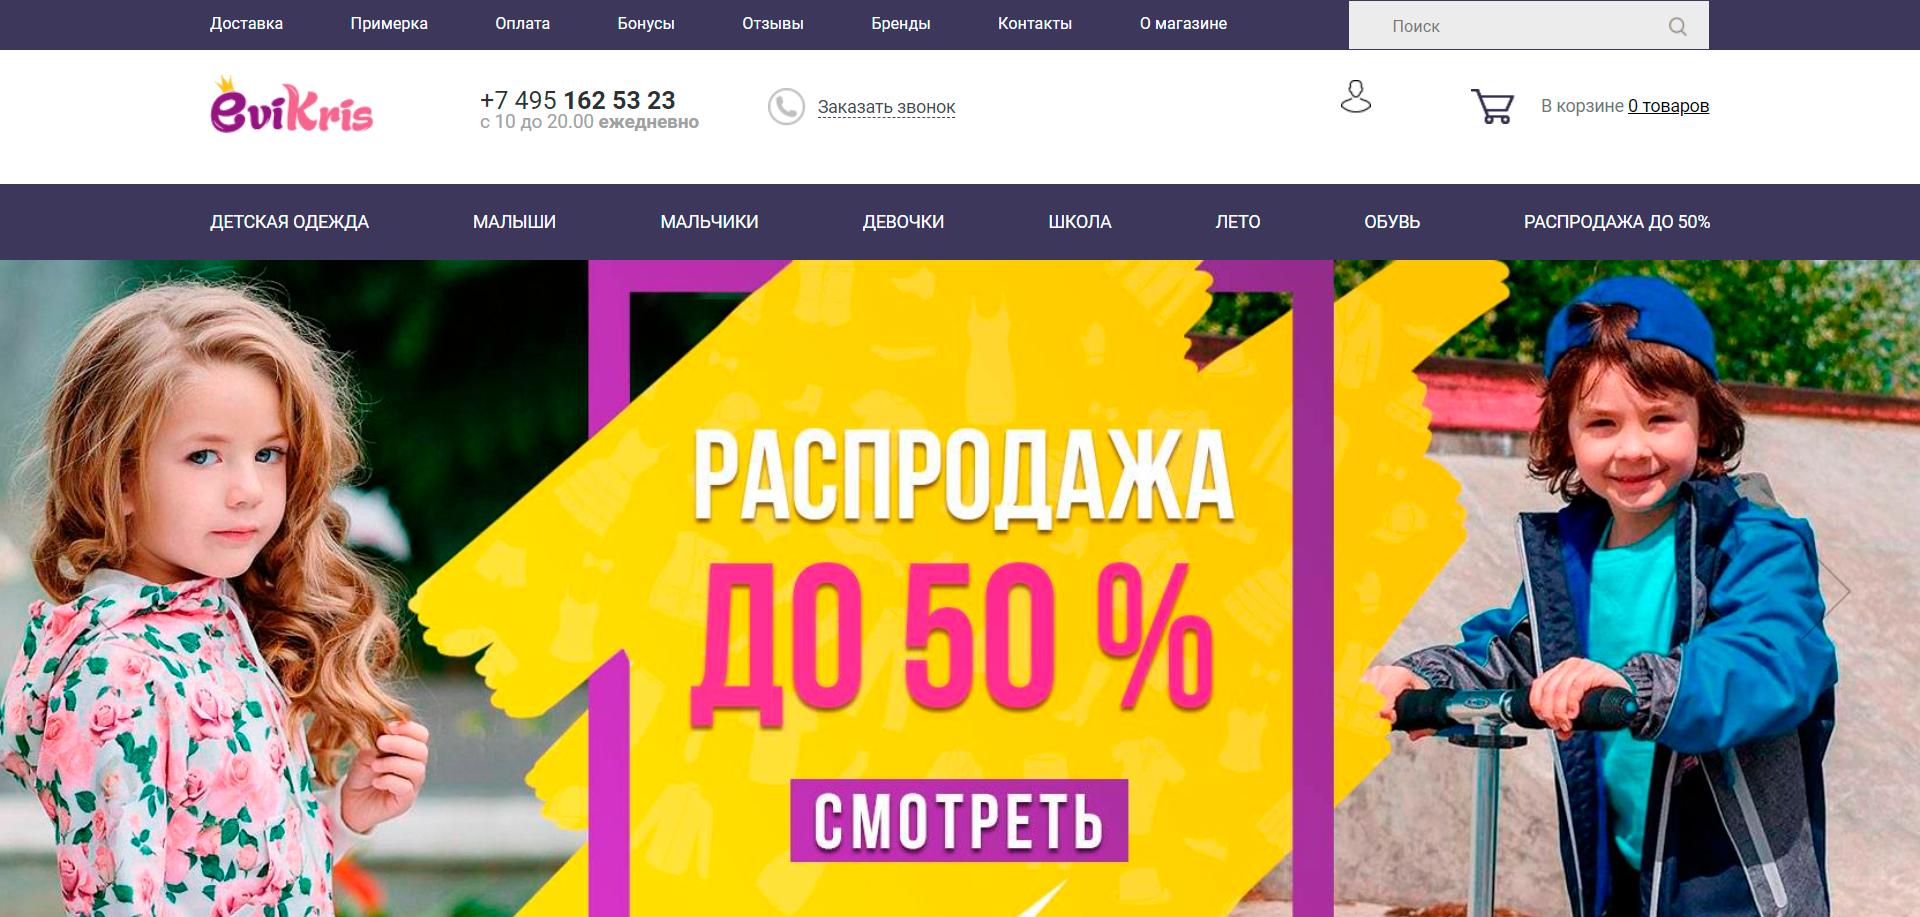 Настройка Яндекс.Директ – Интернет-магазин детской одежды